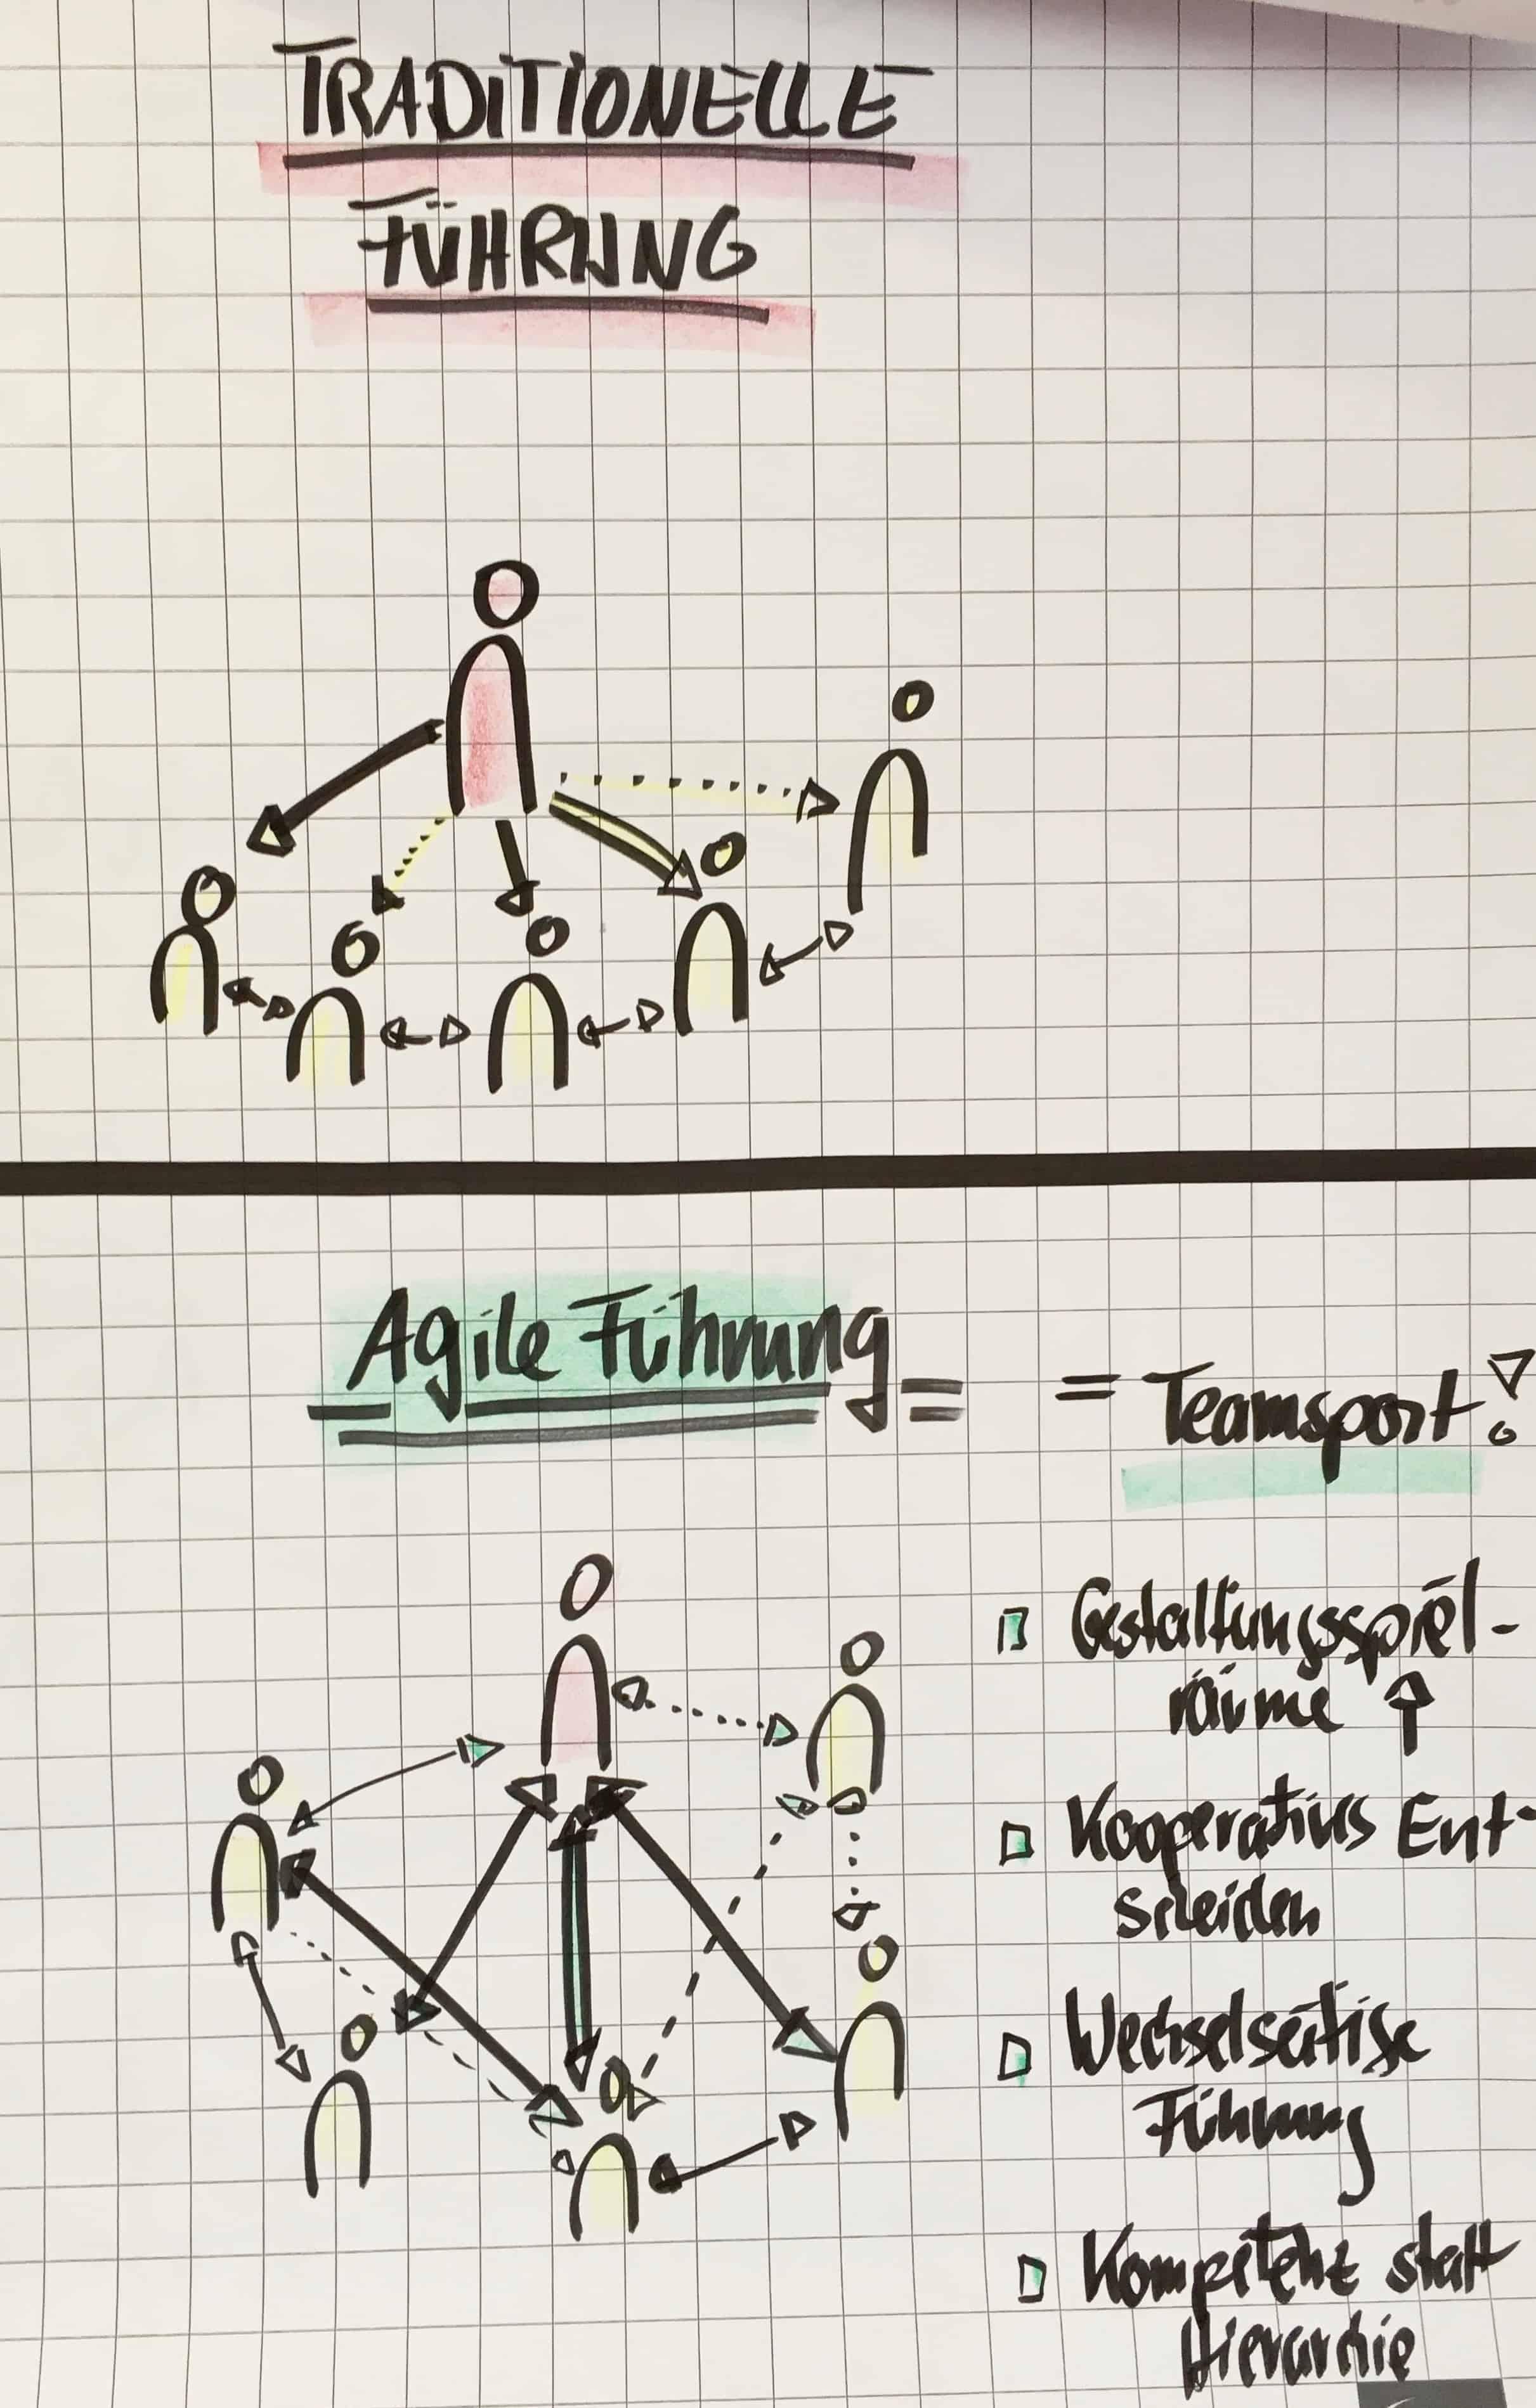 Traditionelle Führung_ Agile Führung Visualisierung